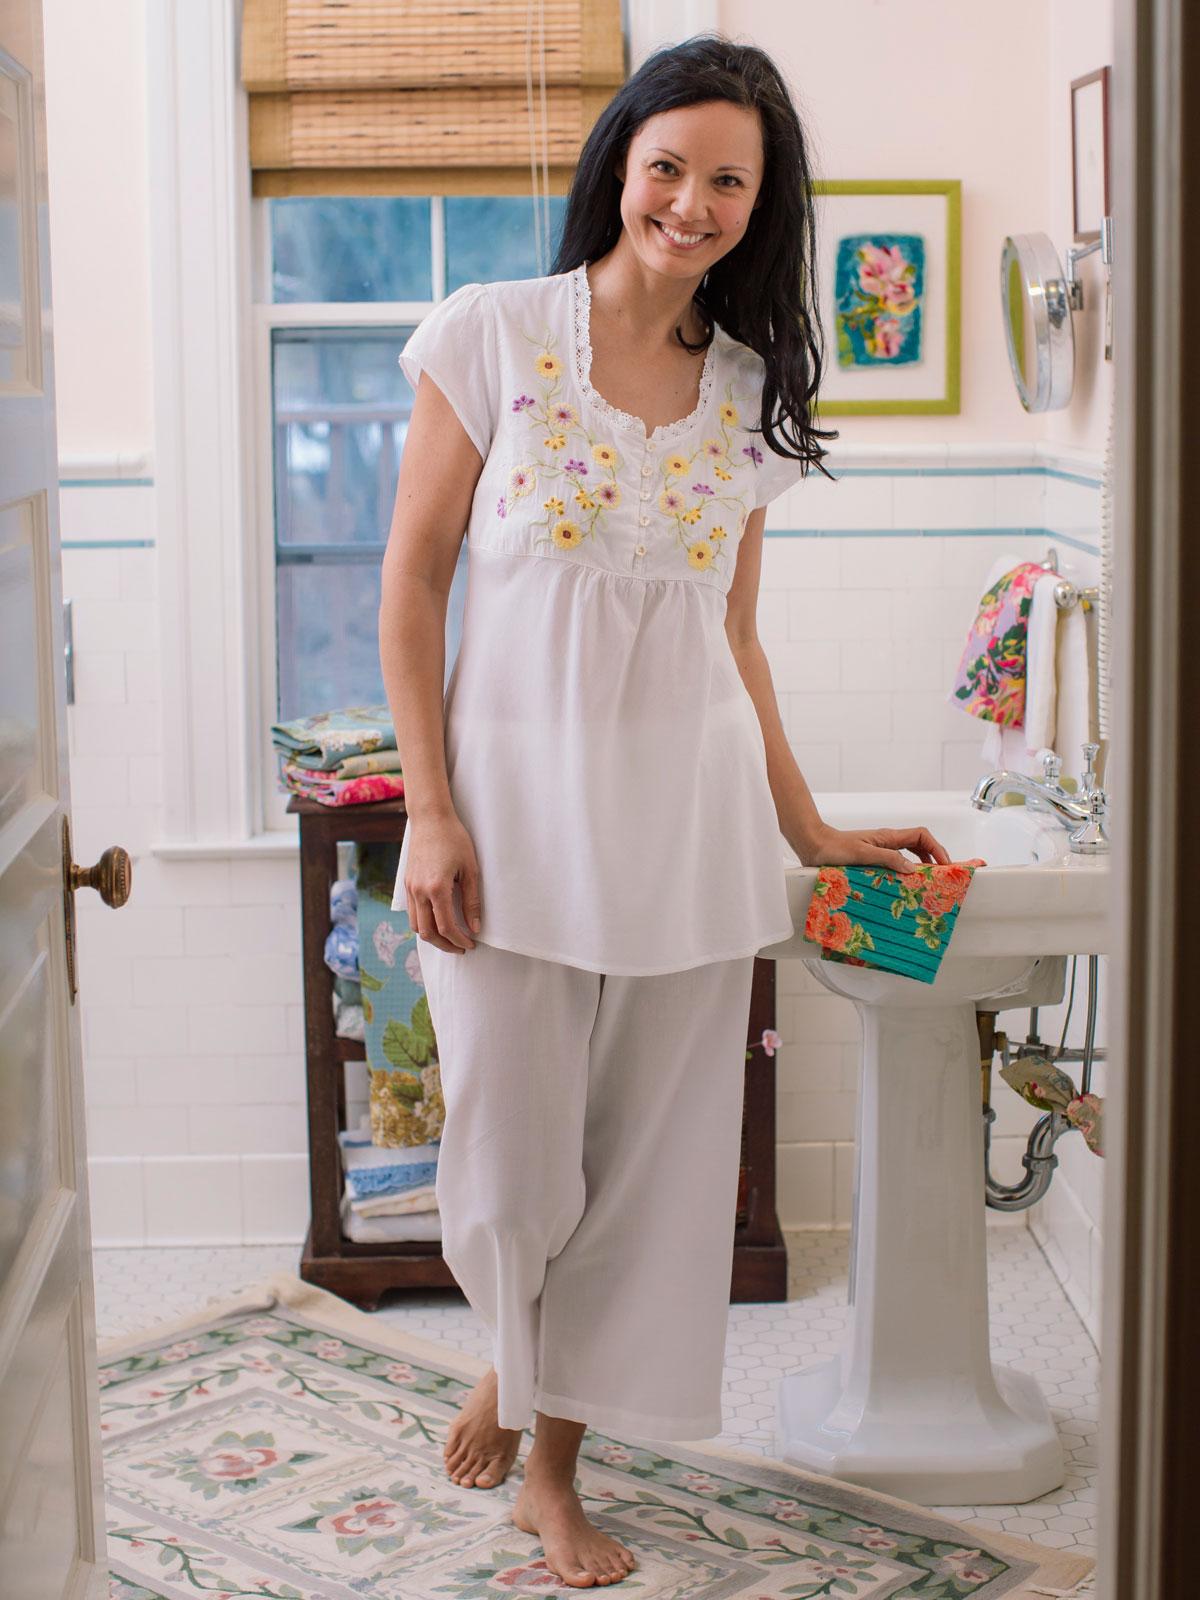 Morning Ladies Pajamas Attic Sale Ladies Attic